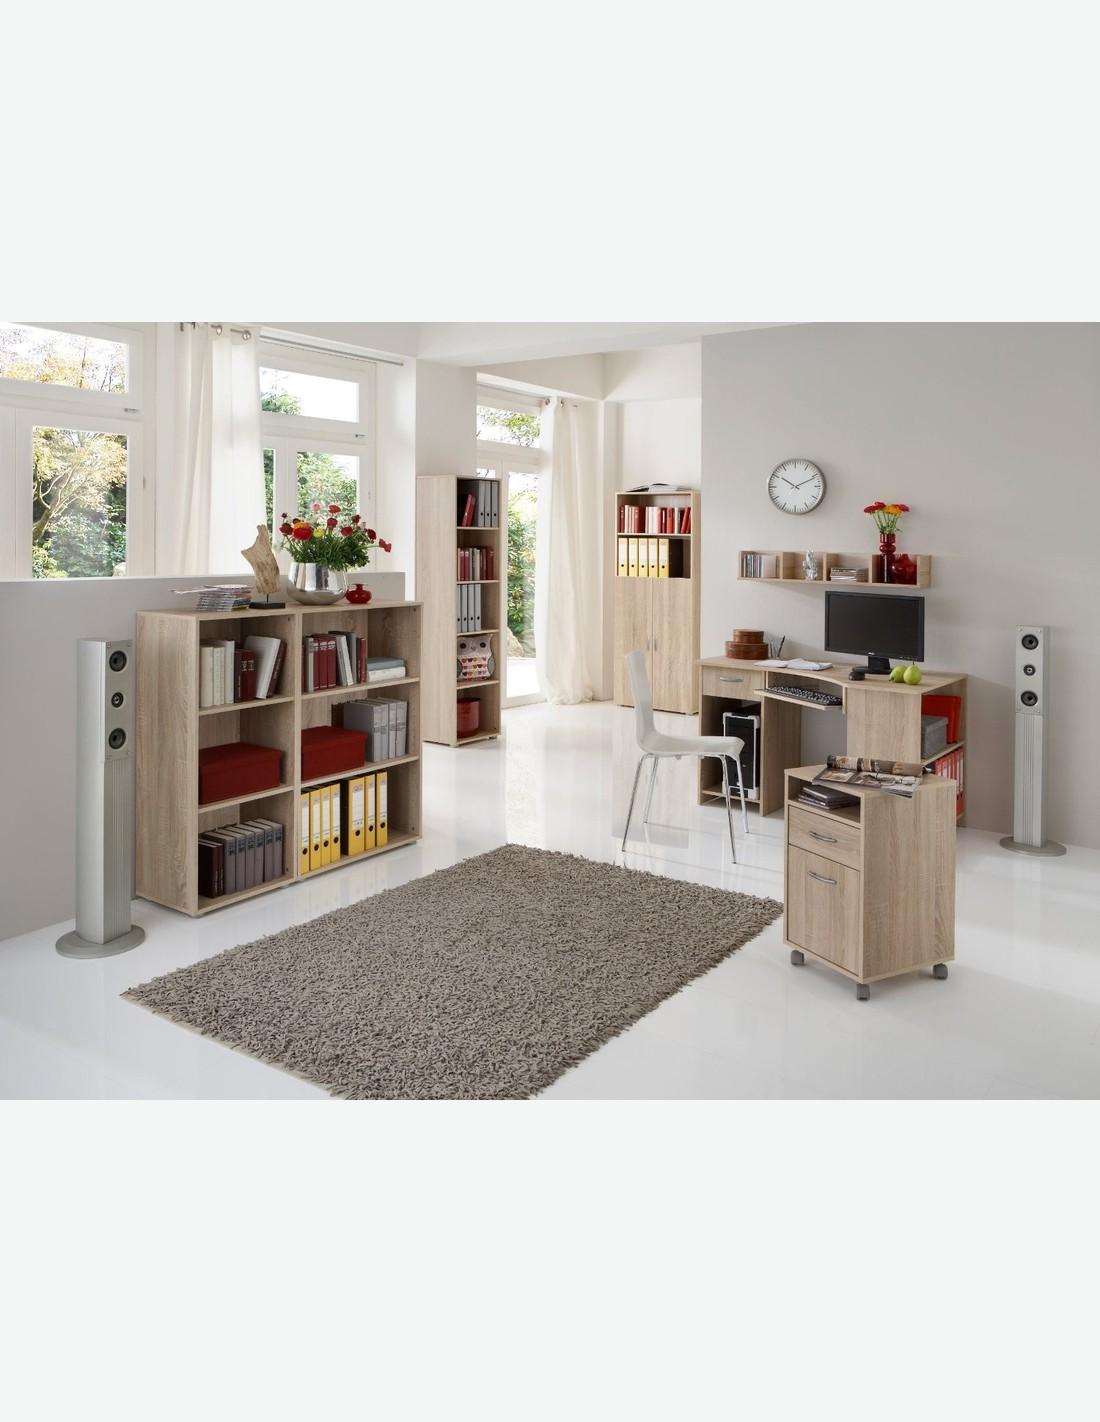 Schreibtisch aus eiche dekor for Dekor eiche